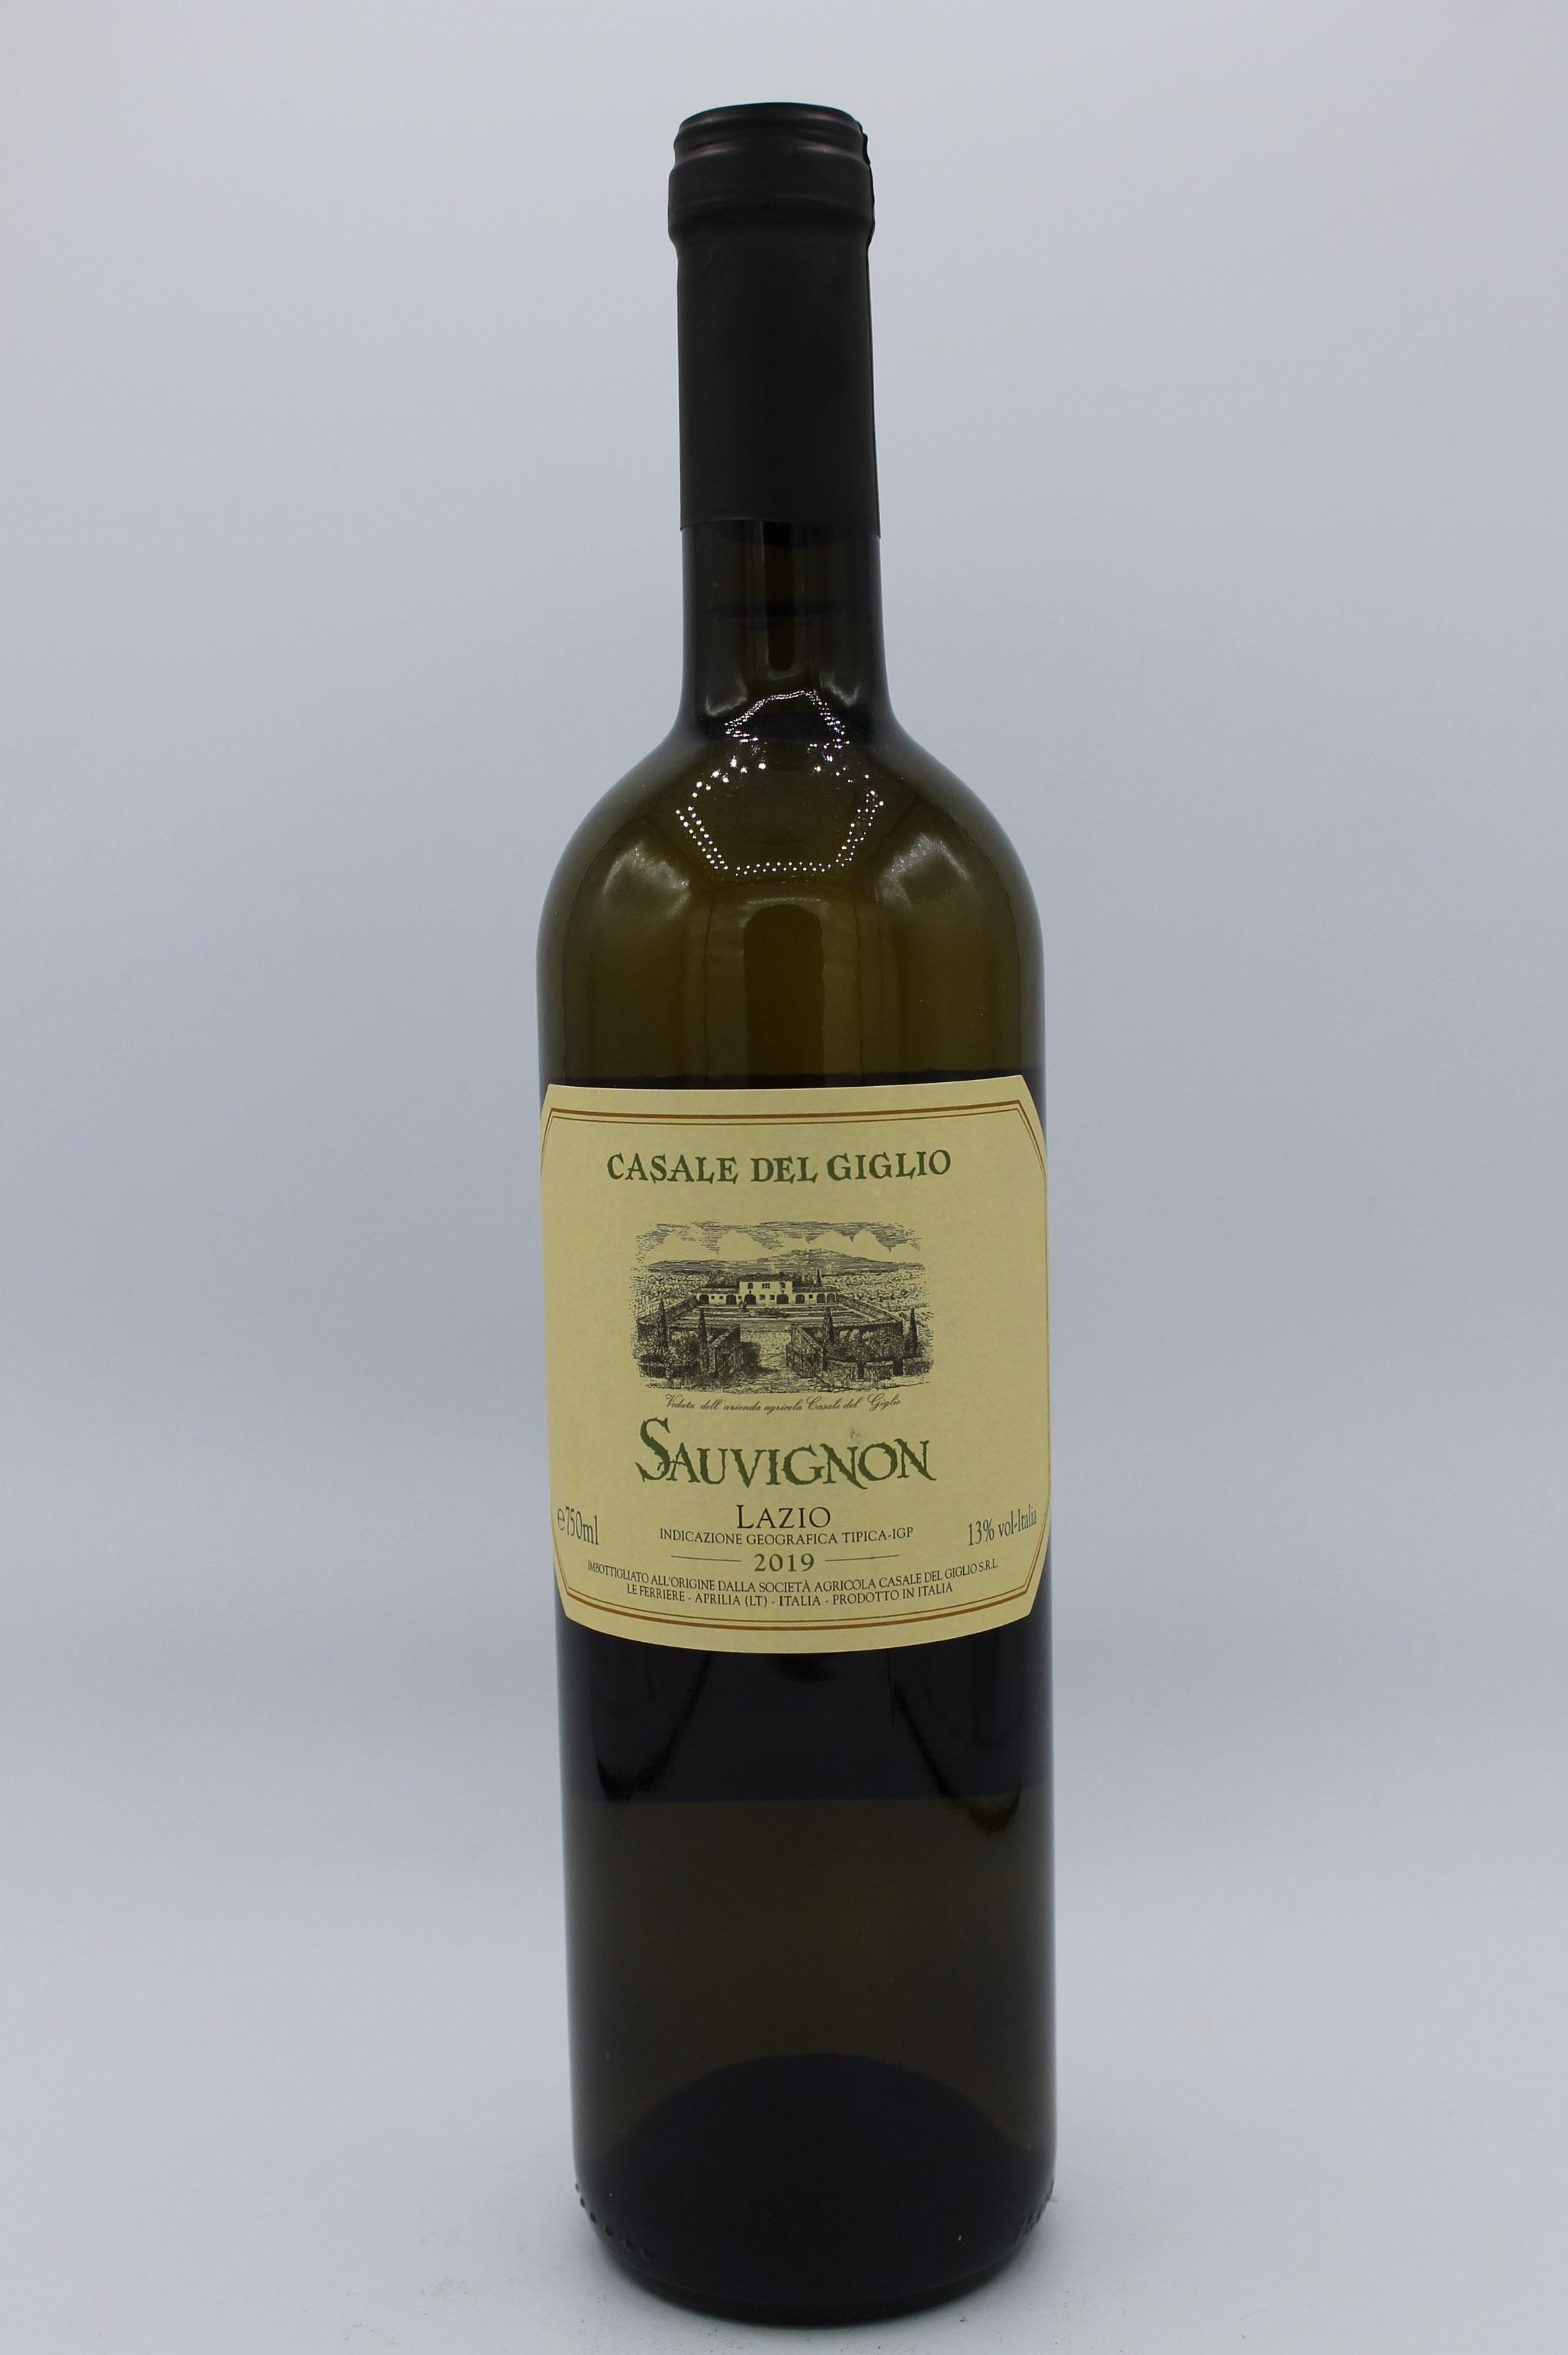 Casale del Giglio IGT 750ml bianco vari vitigni.